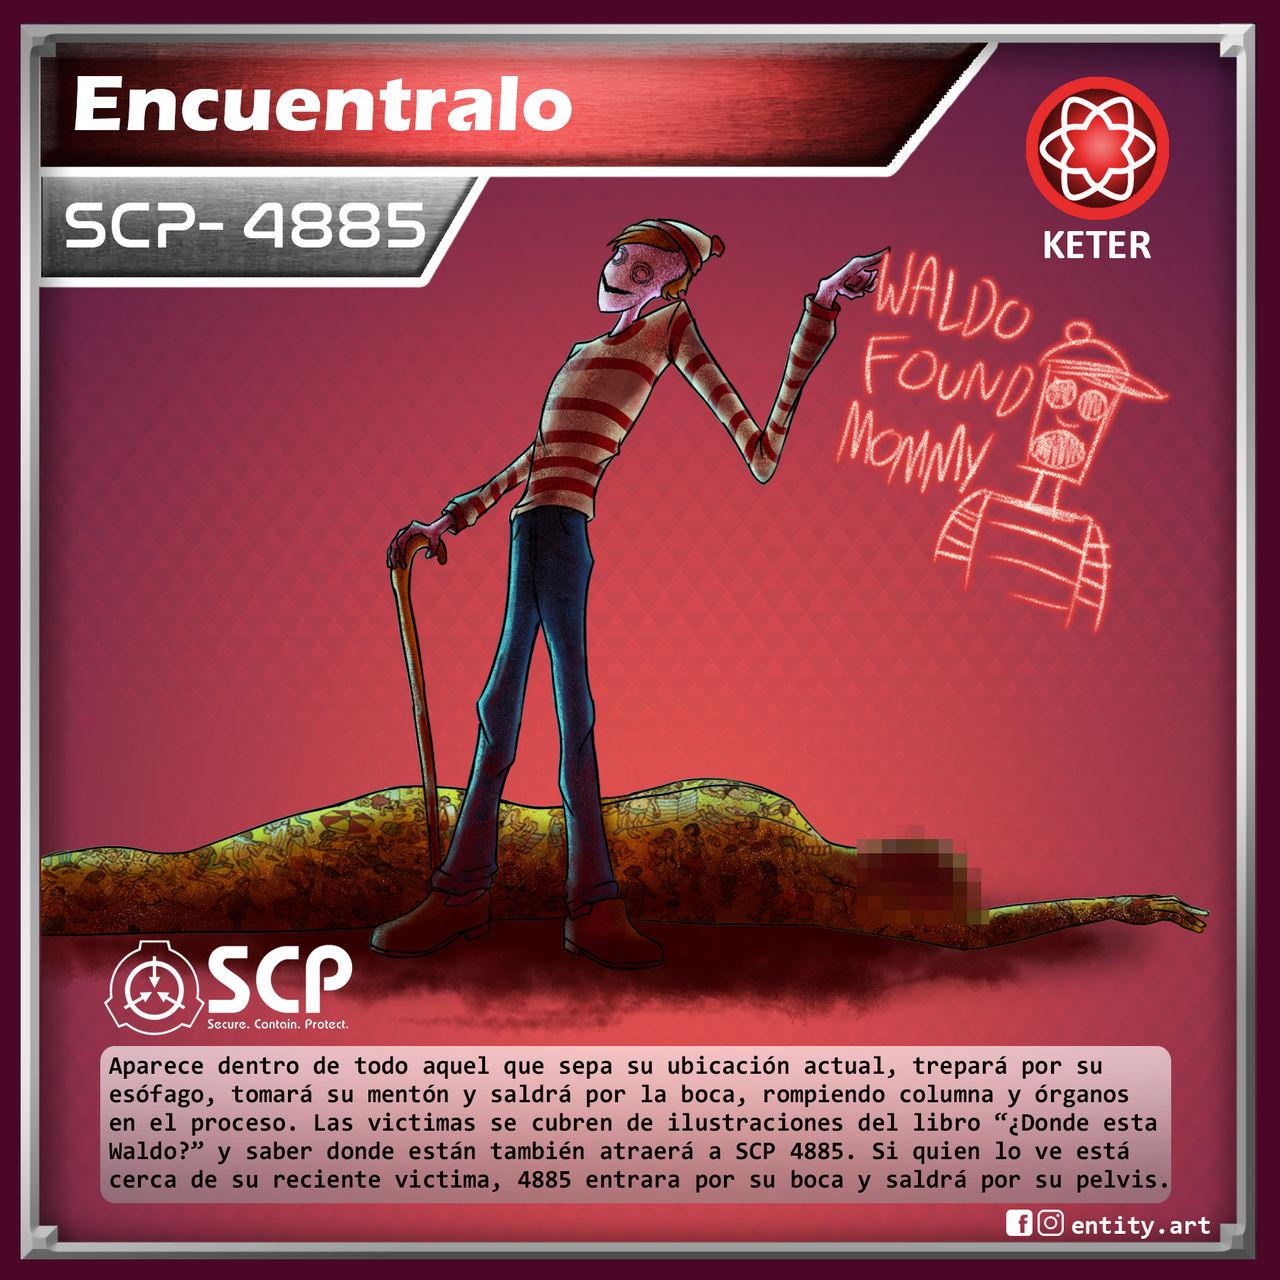 scp_4885_by_vinevin_de88r8x-fullview.jpg?token=eyJ0eXAiOiJKV1QiLCJhbGciOiJIUzI1NiJ9.eyJzdWIiOiJ1cm46YXBwOiIsImlzcyI6InVybjphcHA6Iiwib2JqIjpbW3siaGVpZ2h0IjoiPD0xMjgwIiwicGF0aCI6IlwvZlwvNDhmZWZhNTMtZjI5MC00NTBmLWFhYjItYWIxYWE0YTE1M2ExXC9kZTg4cjh4LTVmNTNjYjBkLTc5YmMtNGFkZi05MDRjLTUxNTA5MjhmYzQxYi5wbmciLCJ3aWR0aCI6Ijw9MTI4MCJ9XV0sImF1ZCI6WyJ1cm46c2VydmljZTppbWFnZS5vcGVyYXRpb25zIl19.ViWTuQaioE0xxc7W9CT2tK25_uwJ2ToxVo3nLqyWB8E